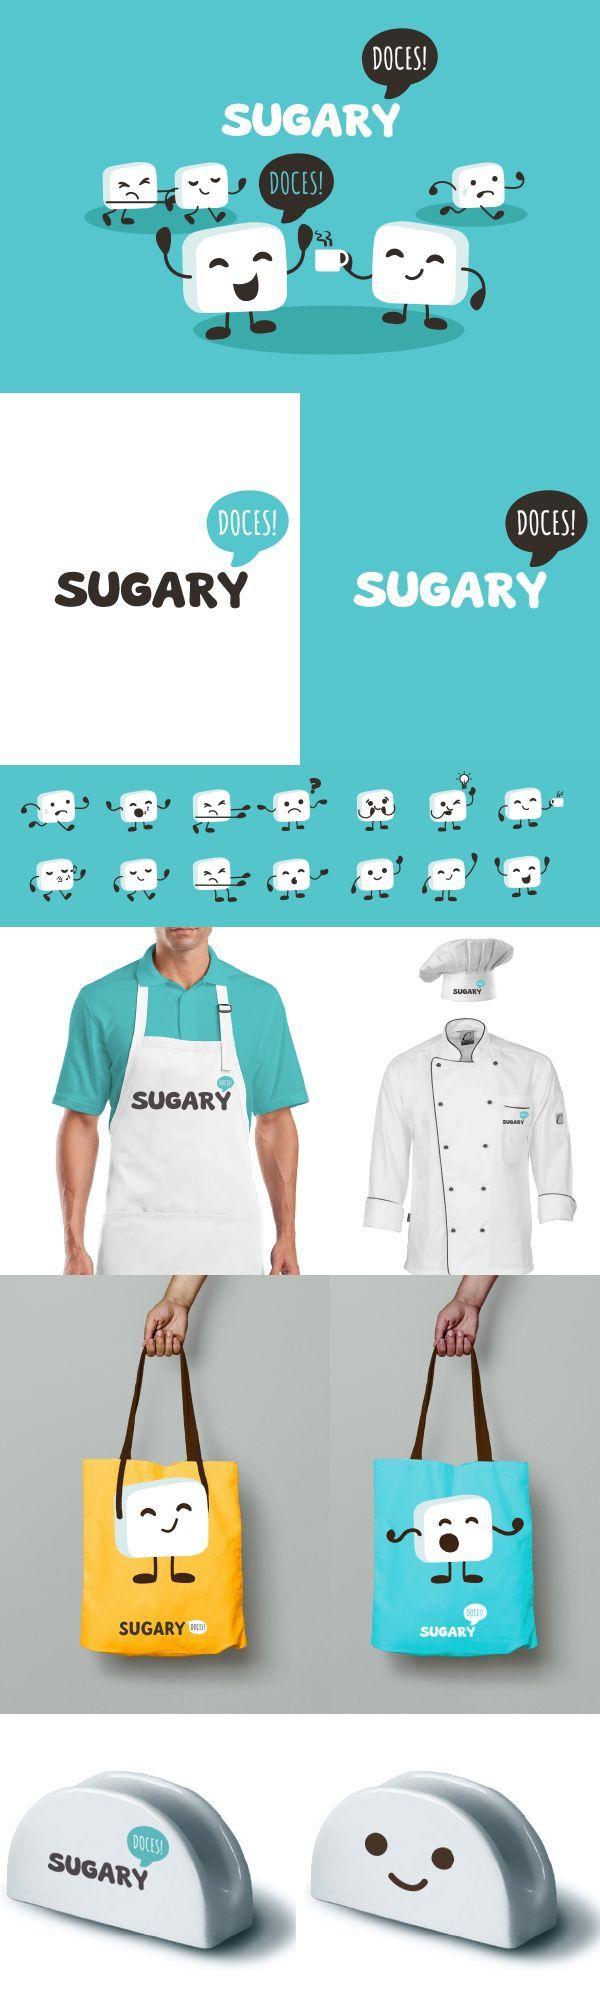 A Sugary busca oferecer gulodices frescas e com sabor de verdade. Através de um diagnóstico de mercado, a Argo apoiou a diferenciação da Sugary através do uso de um código de cores diferenciado e também da criação do mascote Sugarzinho. #somosargo #branding #marca #design #cake #bolo #doces #sweet #mascote #mascot (scheduled via http://www.tailwindapp.com?utm_source=pinterest&utm_medium=twpin&utm_content=post104610599&utm_campaign=scheduler_attribution)